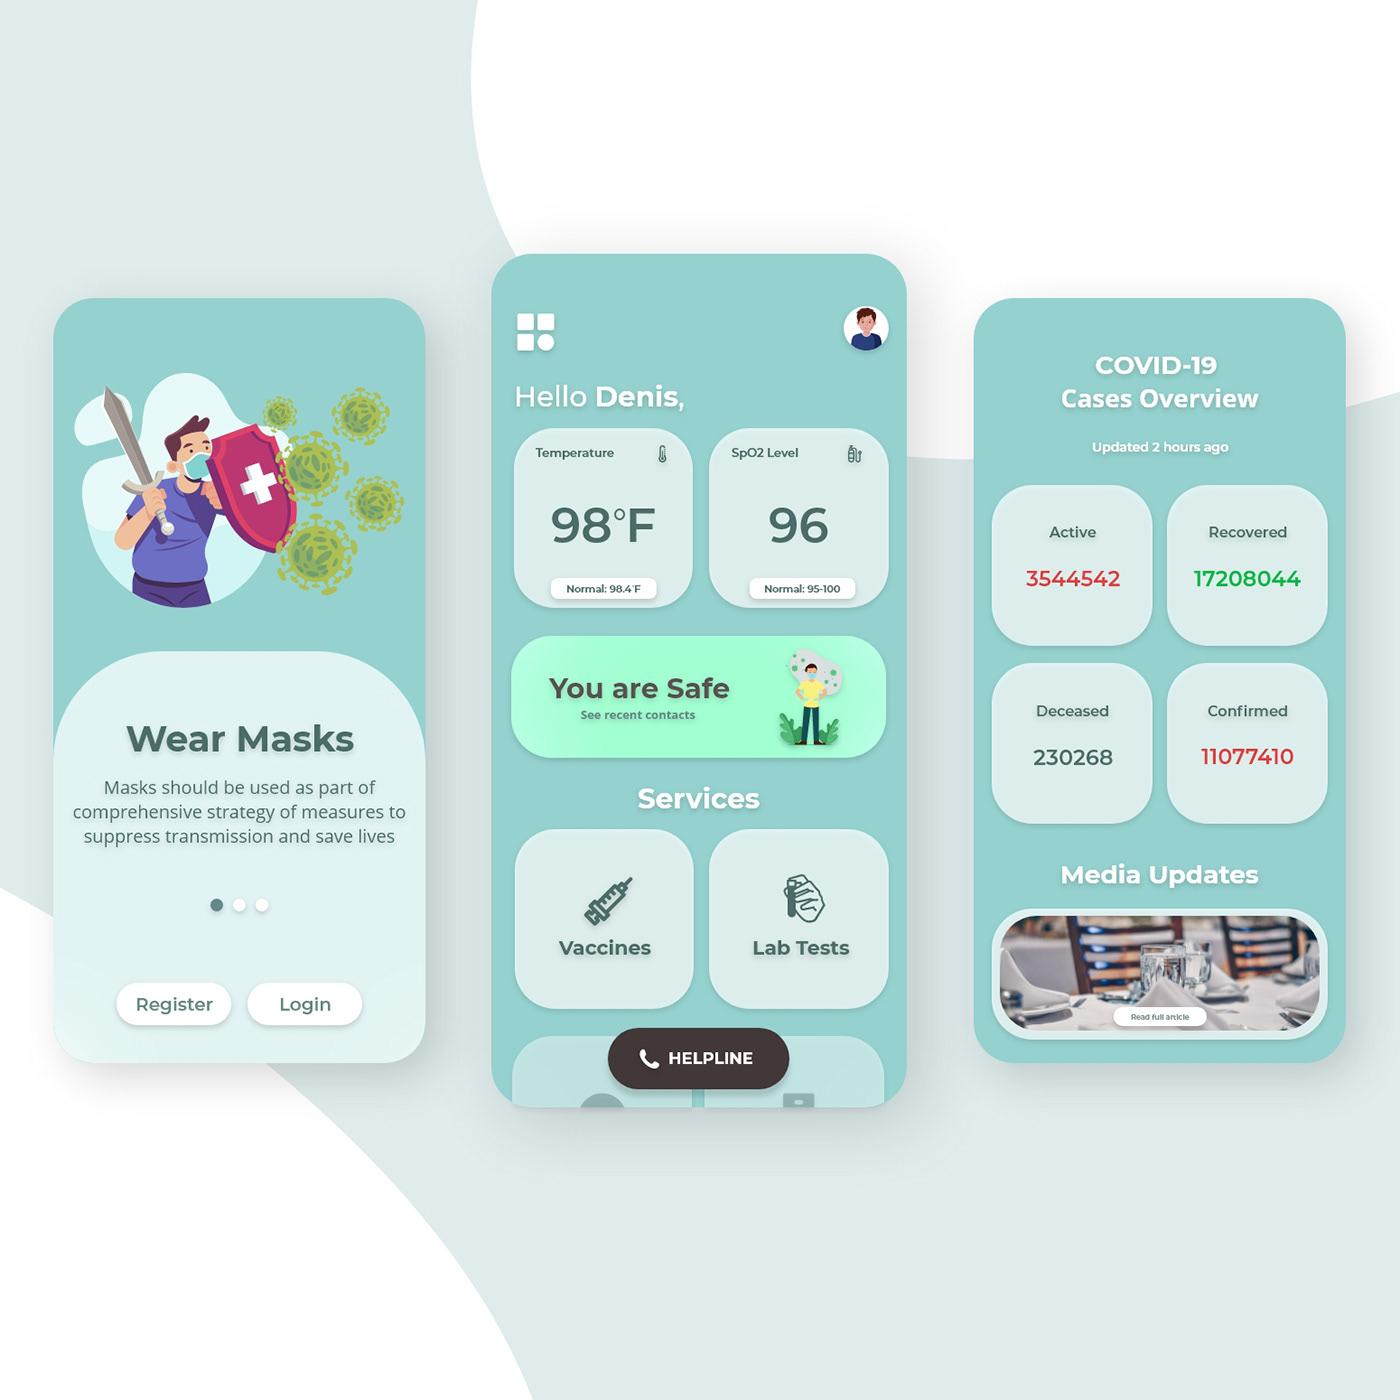 #AppDesign  #AppUi #UI #UIDesign #UIinspiration #uiux #uiuxdesigner UIdesigner